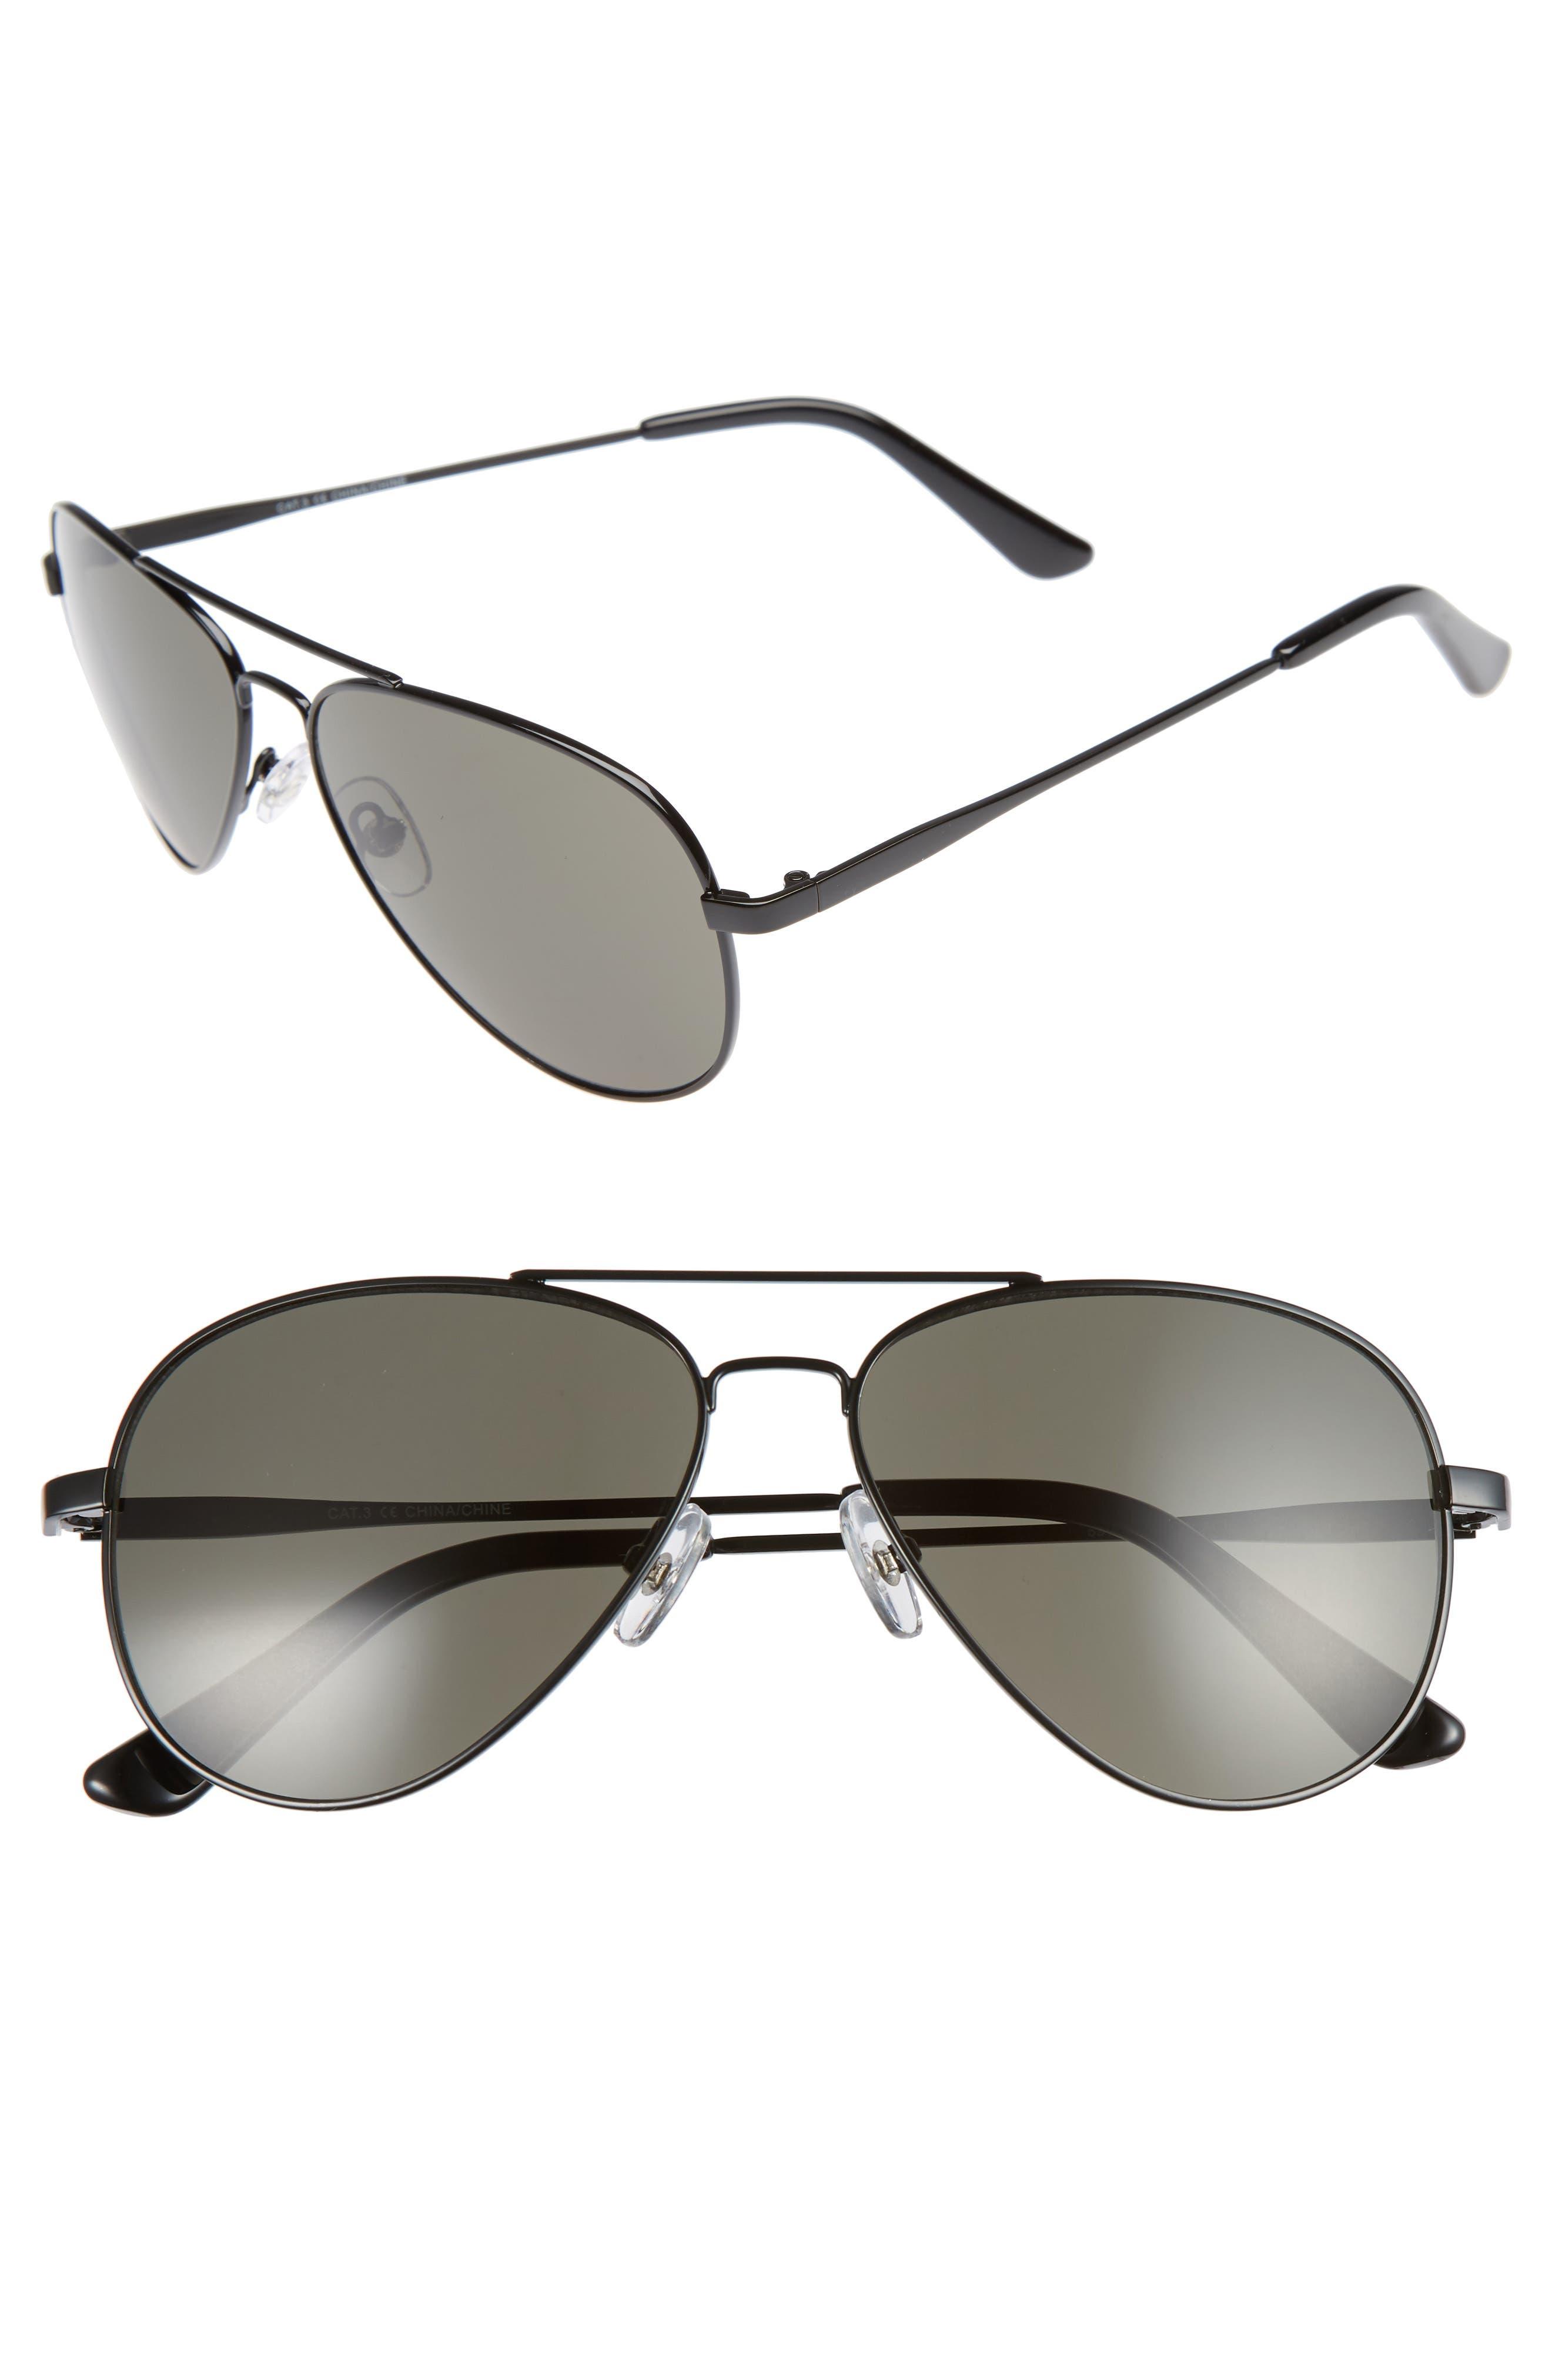 1901 Davis 59mm Aviator Sunglasses